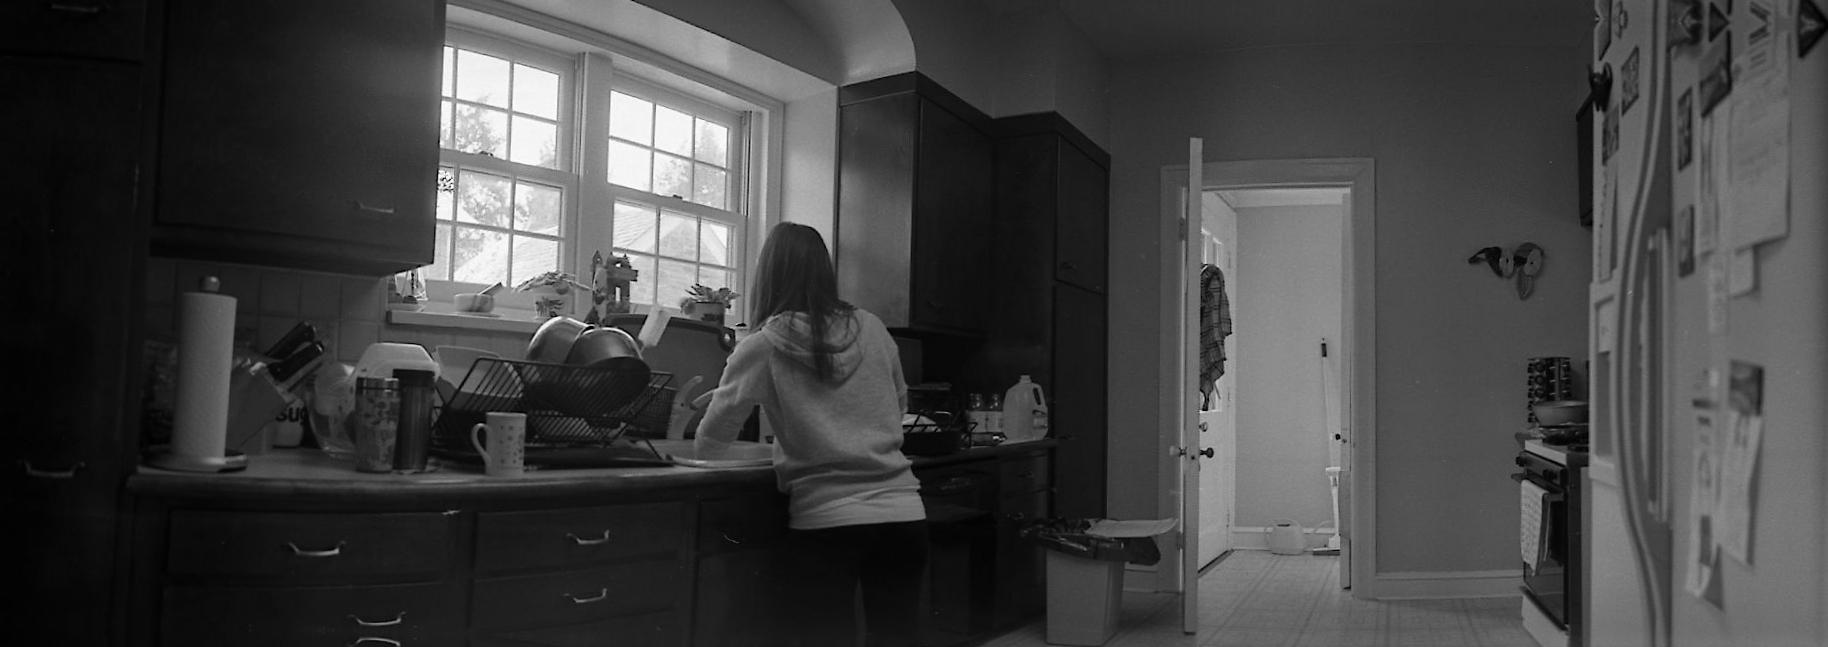 Kitchen Clean-up